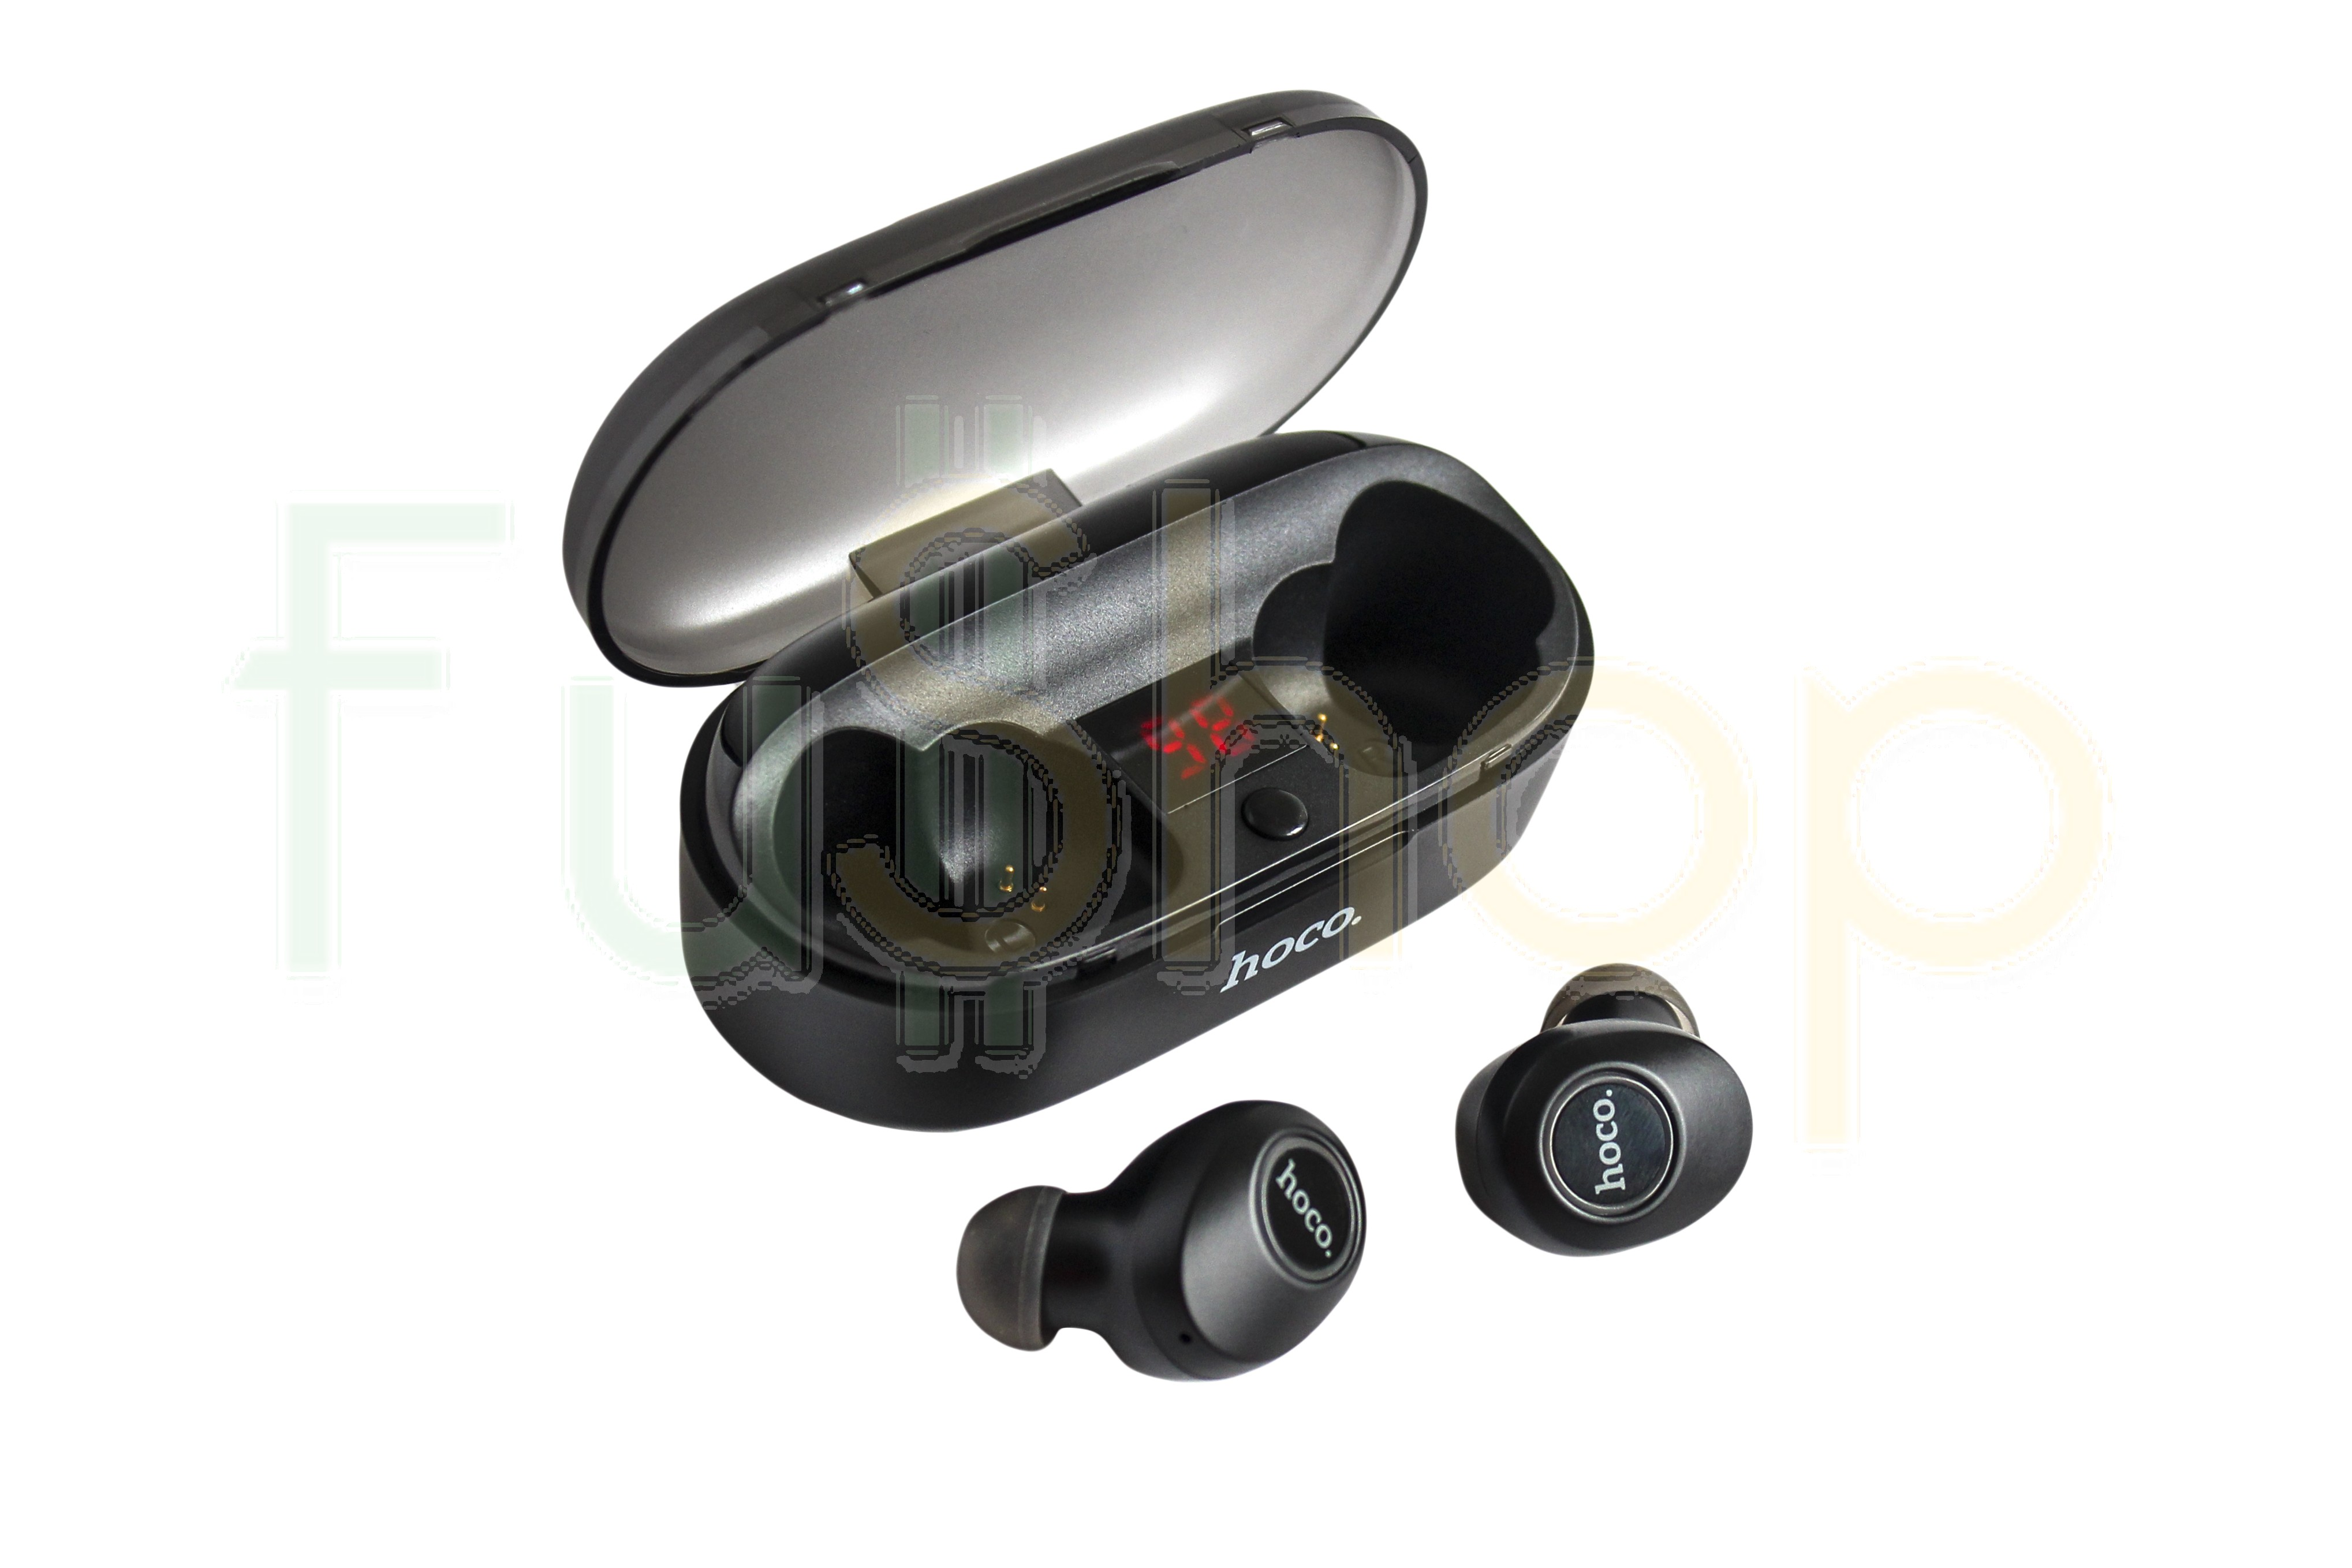 7c745839bc0 Полностью беспроводные вакуумные Bluetooth наушники Hoco TWS ES24 Joyous  Sound True Wireless Headset